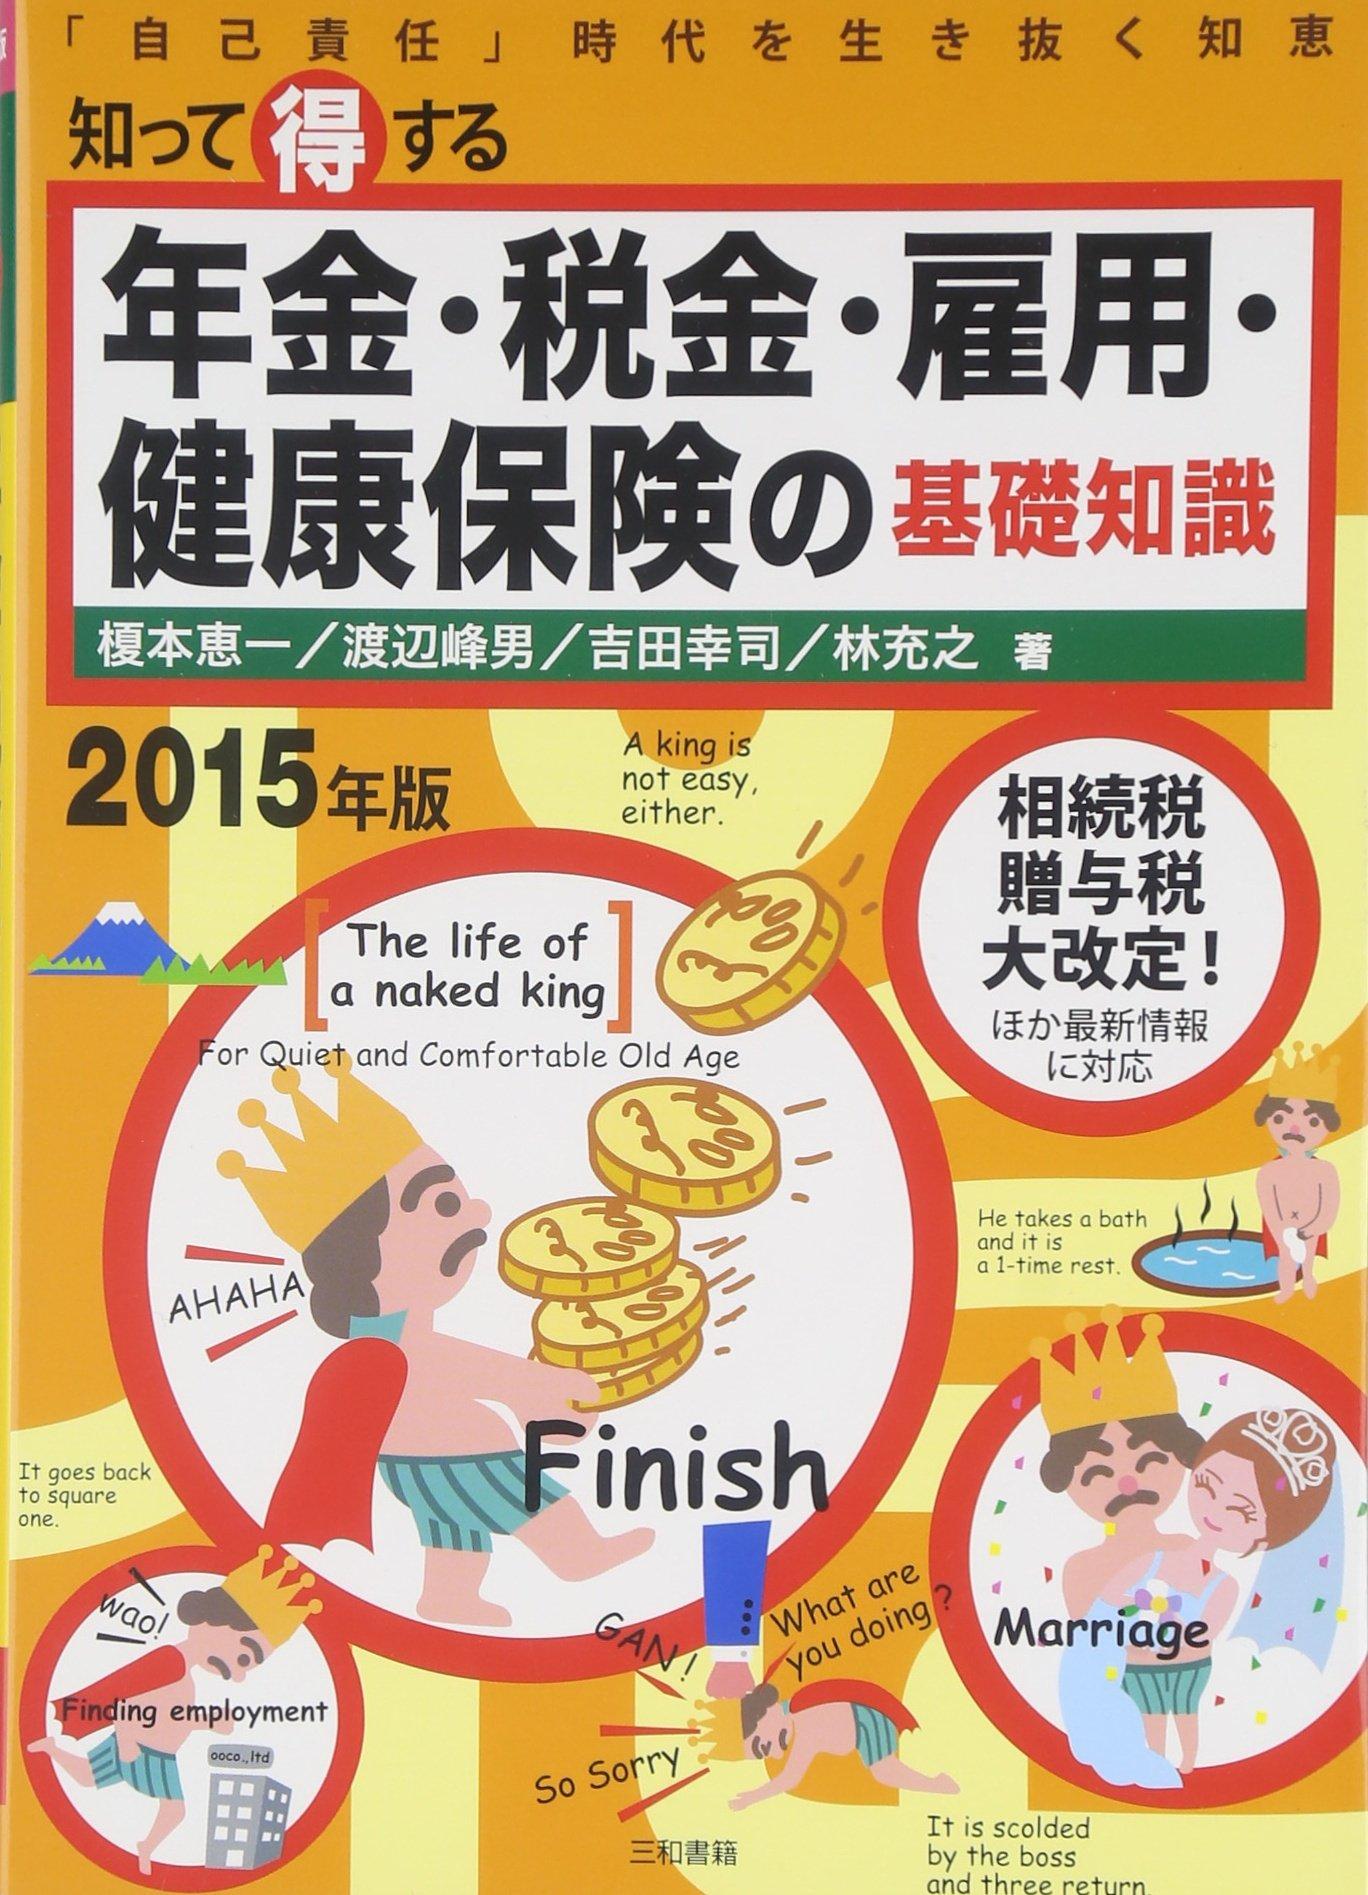 Shitte tokusuru nenkin zeikin koyo kenko hoken no kiso chishiki : Jiko sekinin jidai o ikinuku chie. 2015. pdf